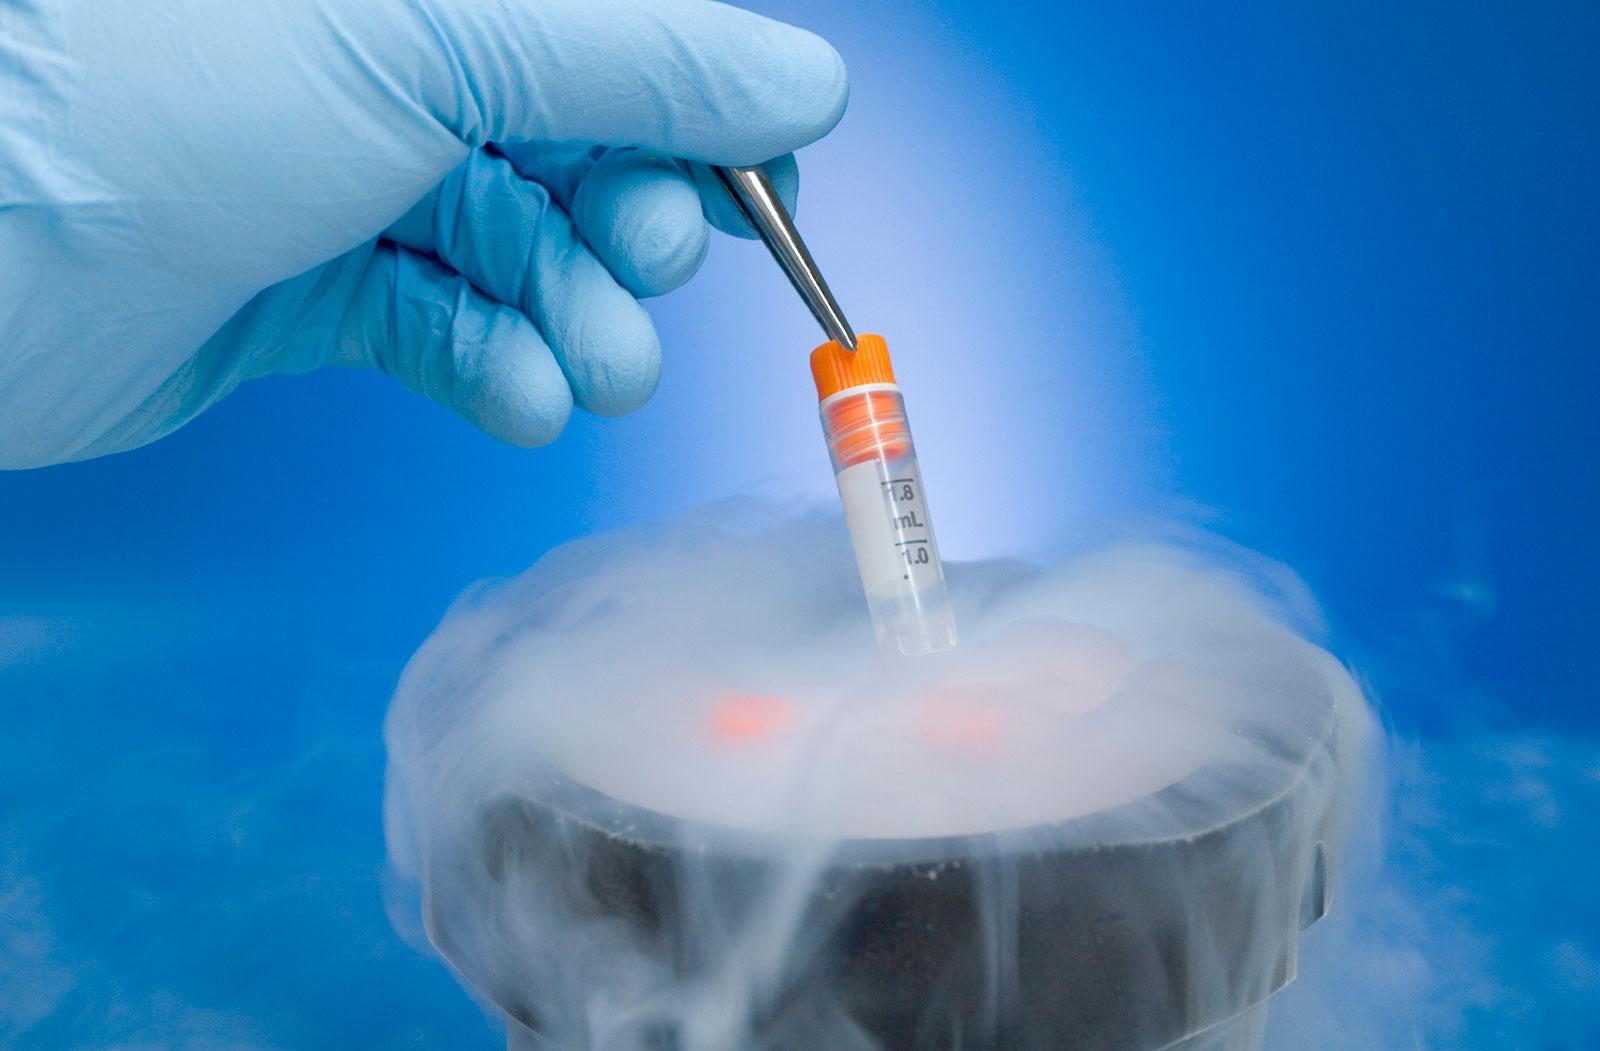 Фото в искусственной сперме, Сперма » Страница 3 порно фото и секс фото 2 фотография